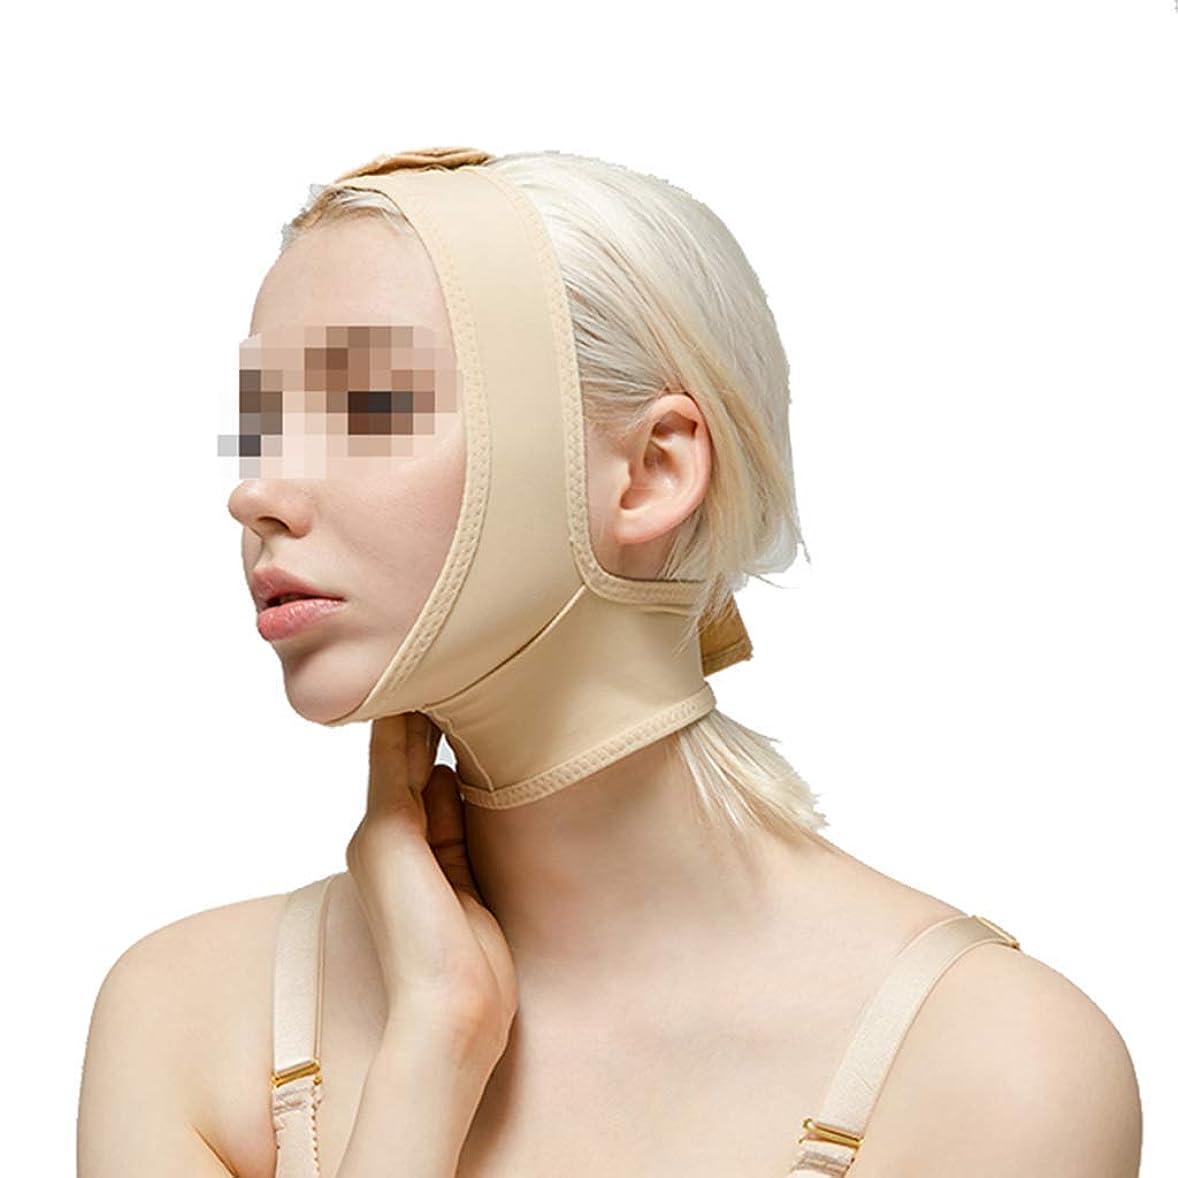 告発者男らしいシュリンク術後伸縮性スリーブ、下顎束フェイスバンデージフェイシャルビームダブルチンシンフェイスマスクマルチサイズオプション(サイズ:L),XXL